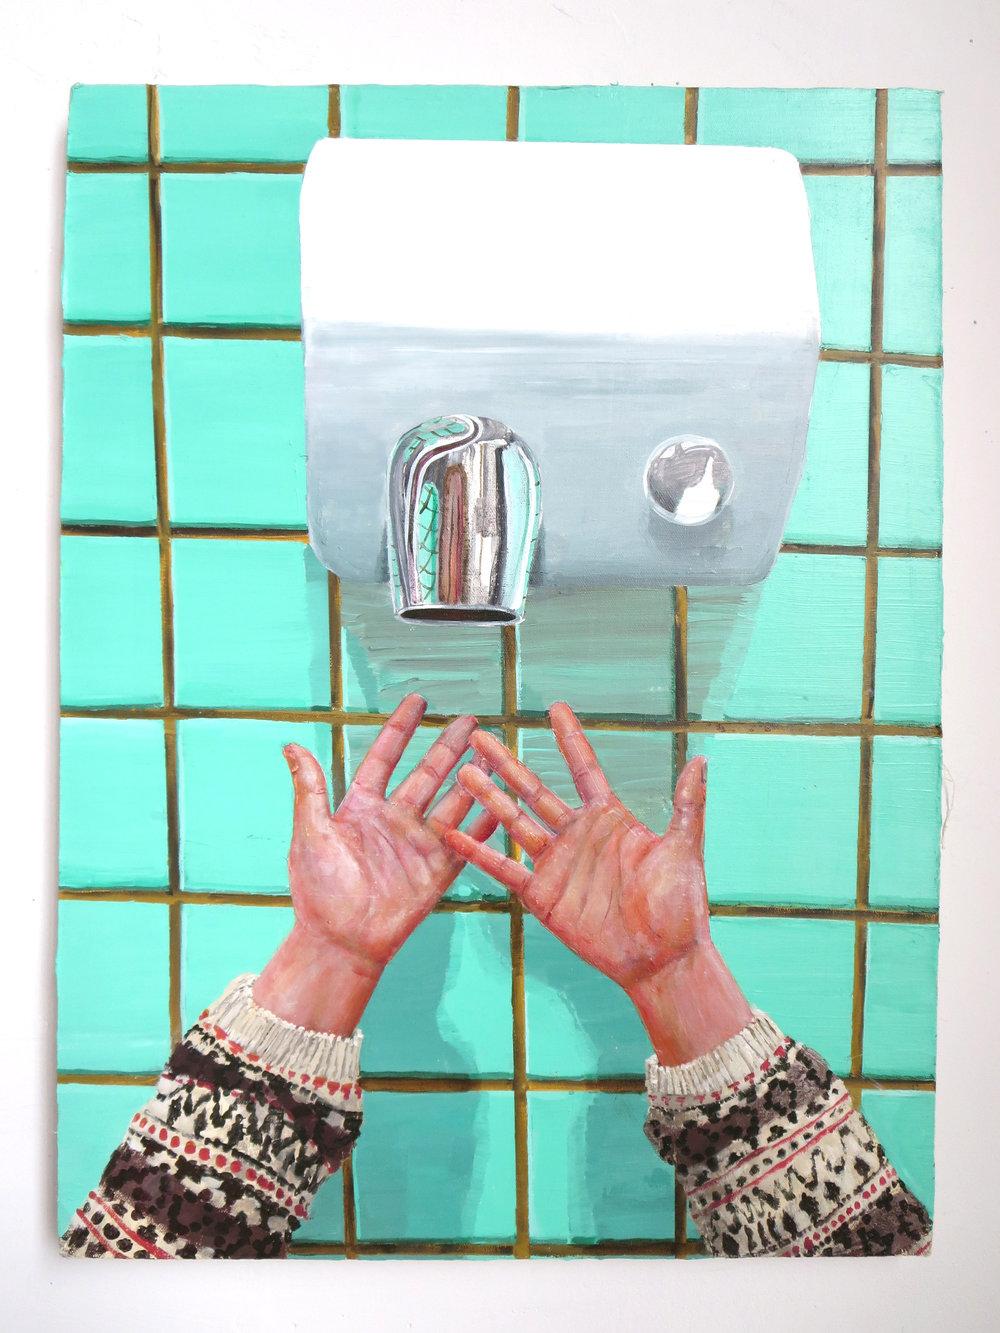 Hand under drier.jpg